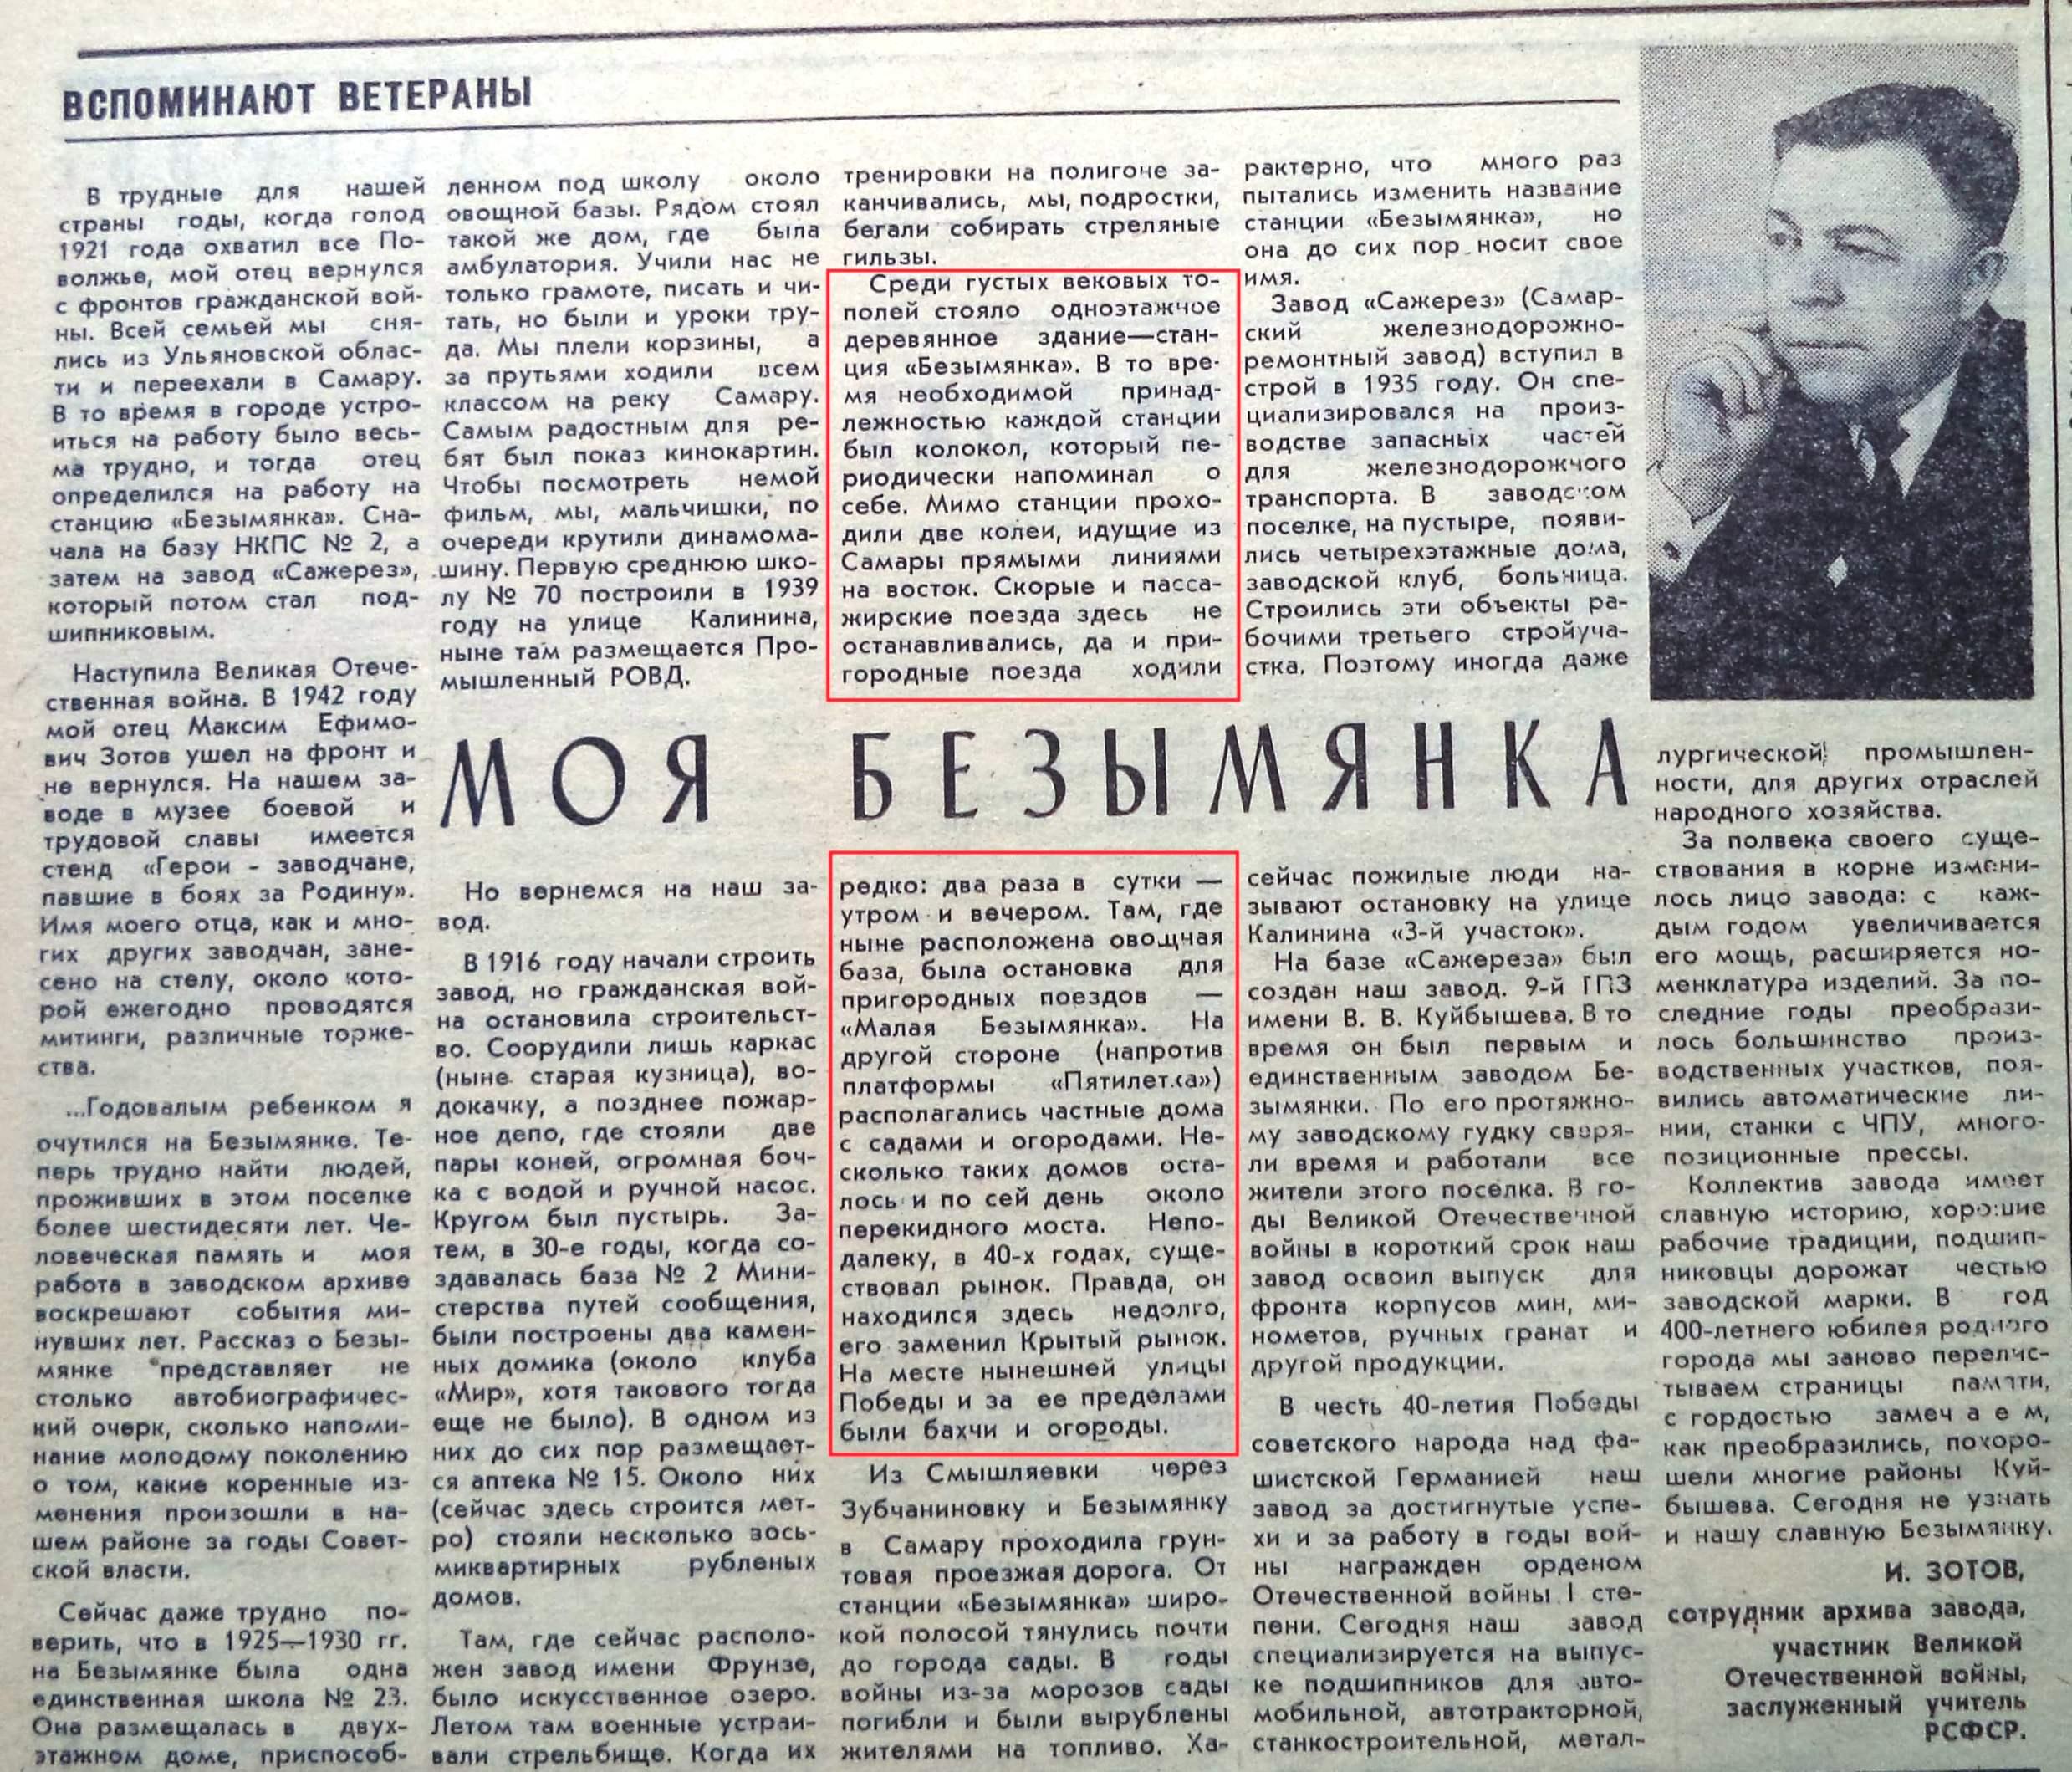 Рыночная-ФОТО-04-Ленинское Знамя-1986-13 июня-min